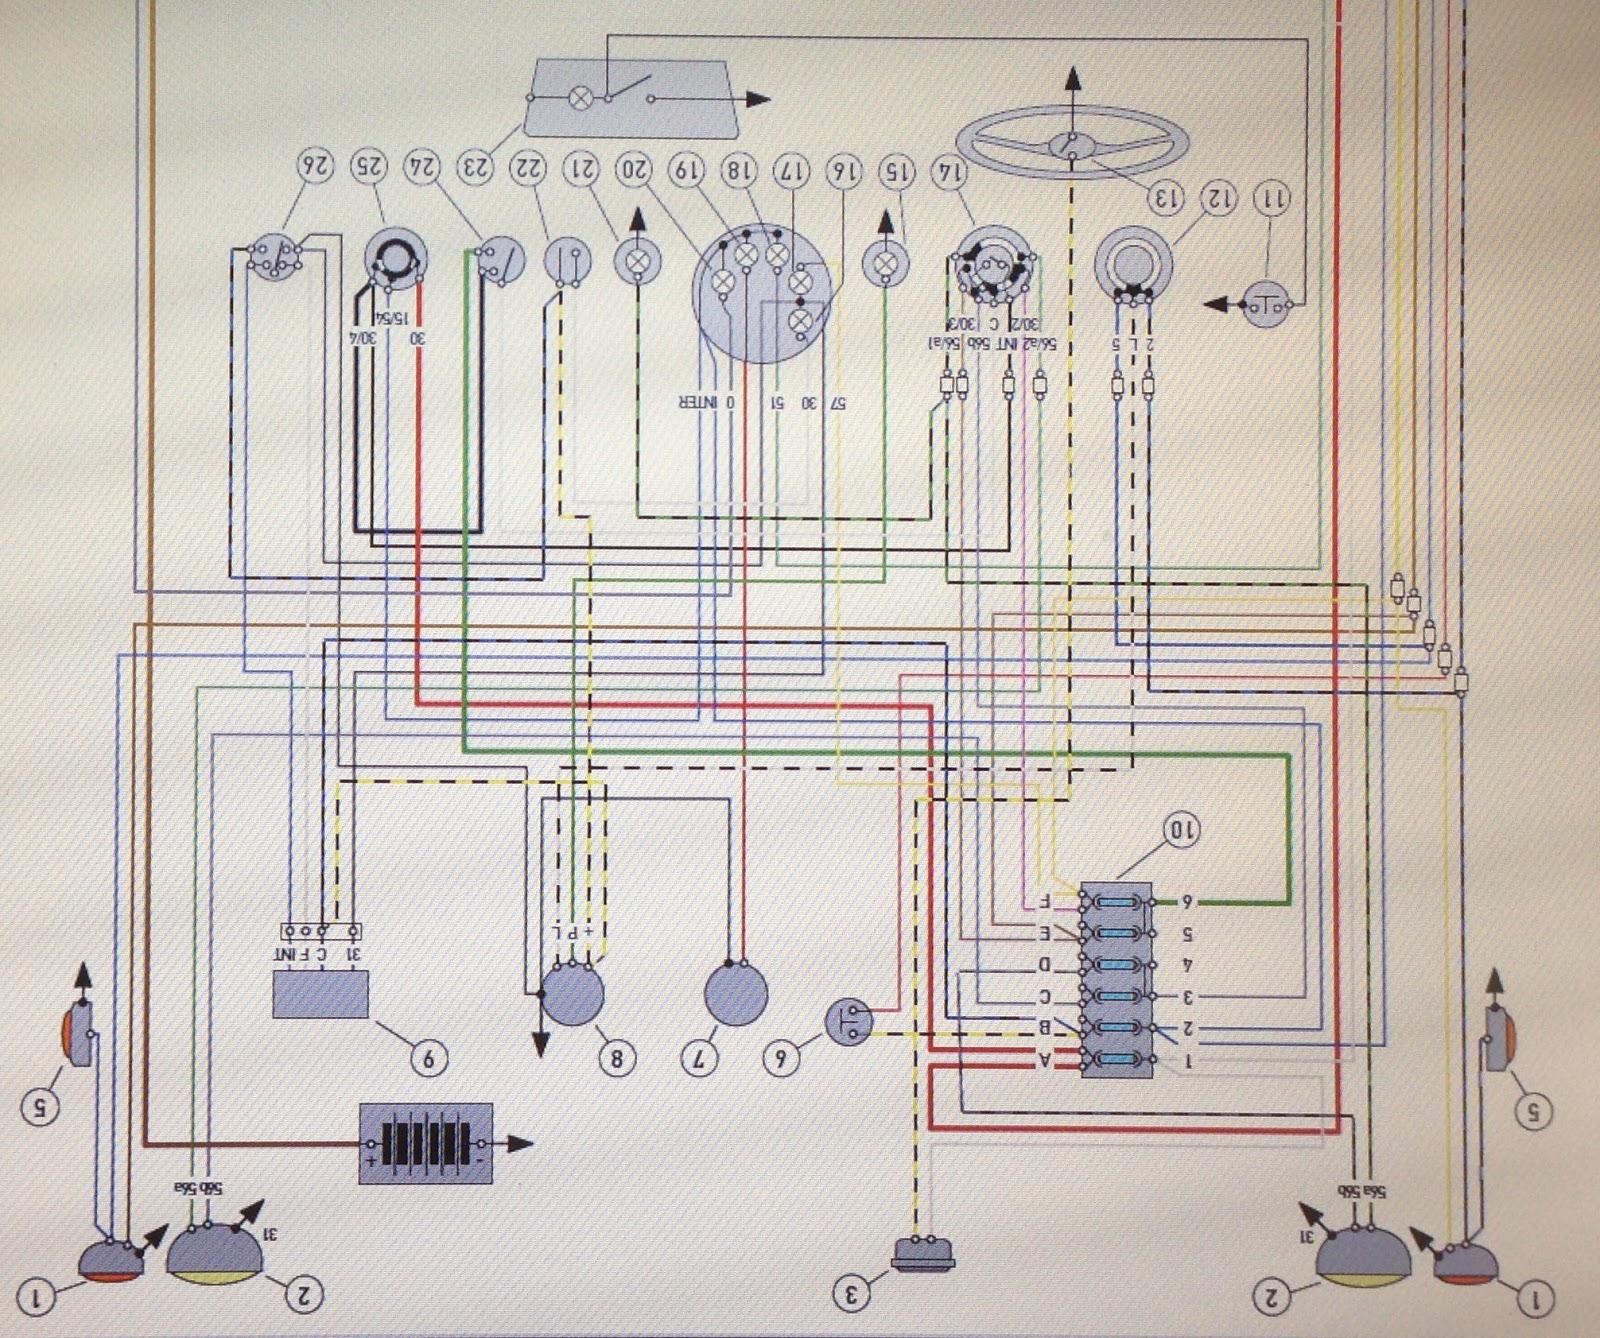 Fiat Regata Wiring Diagram - Wiring Diagrams Schematics